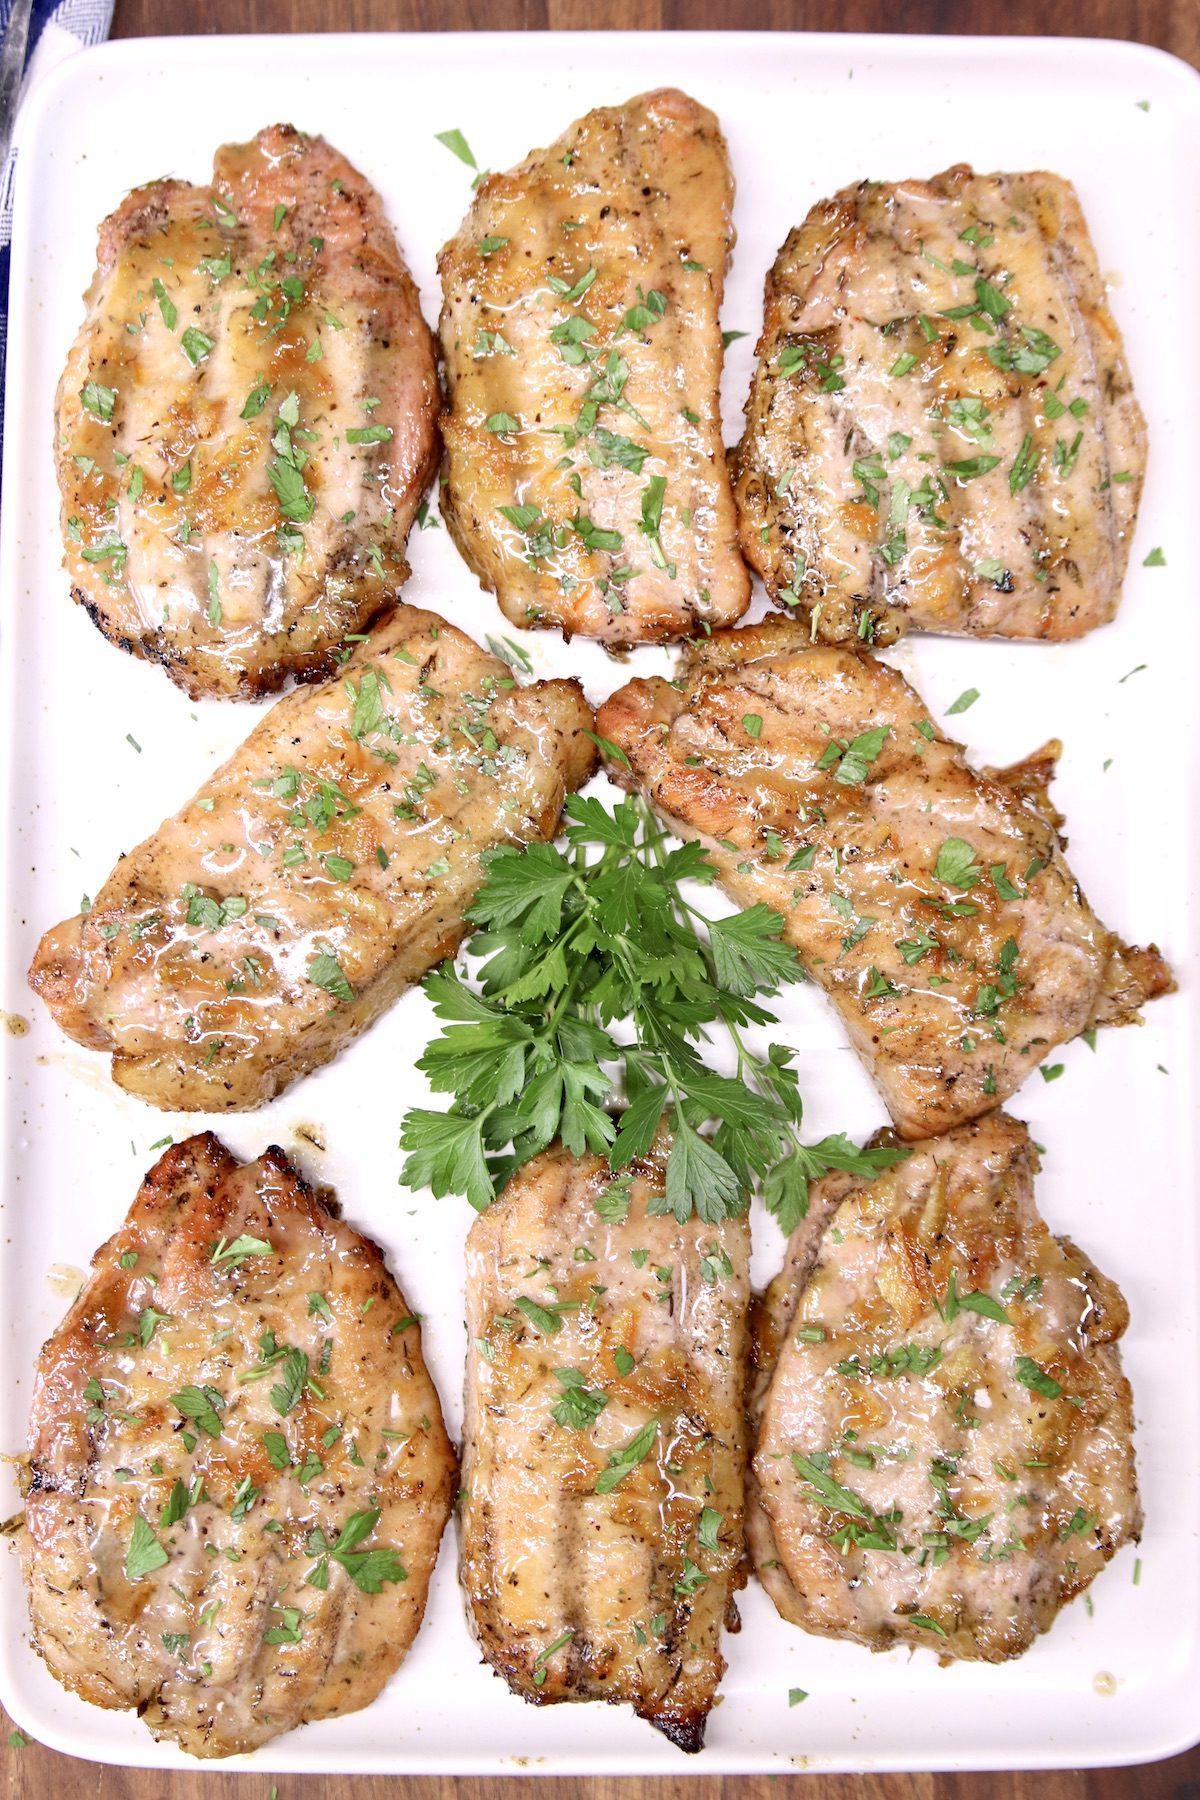 Orange Ginger Pork Chops with parsley garnish on a platter